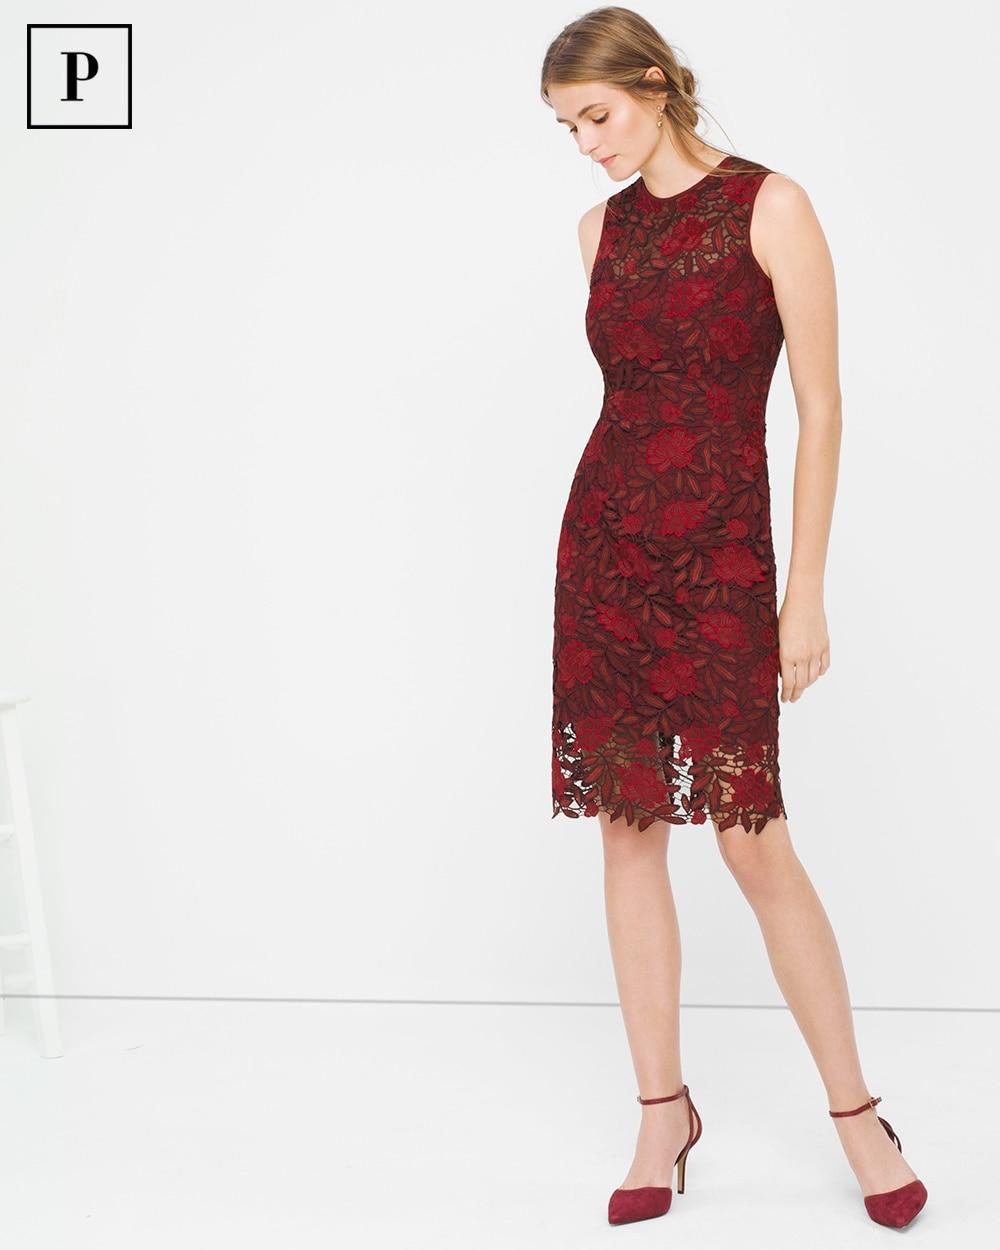 9f9e9fcb Petite Tonal-Lace Sheath Dress - White House Black Market